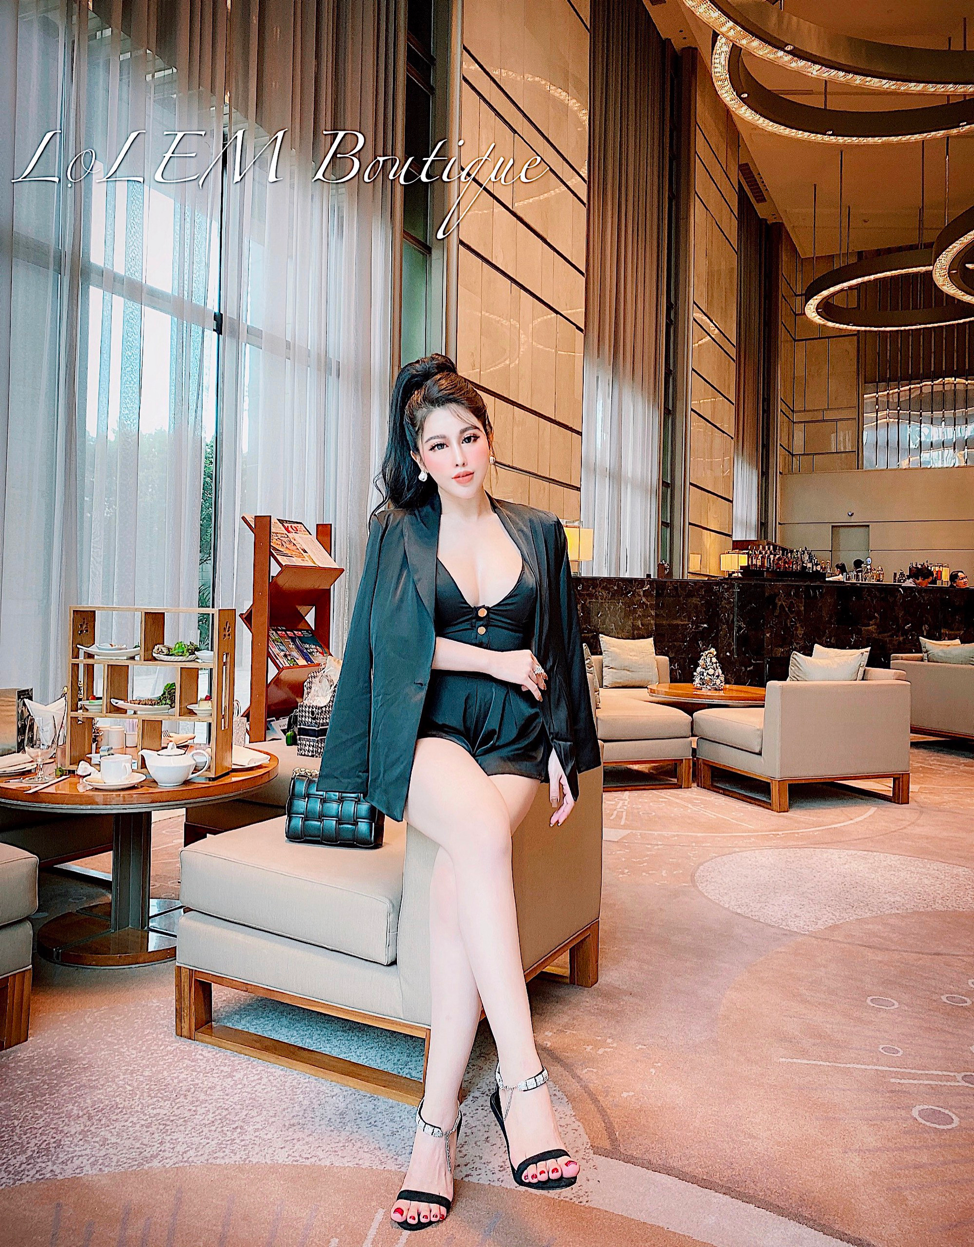 Khám phá phong cách thời trang quyến rũ, cá tính của cô chủ Lọ Lem Boutique - CEO Phạm Thị Thanh Nhàn  - Ảnh 4